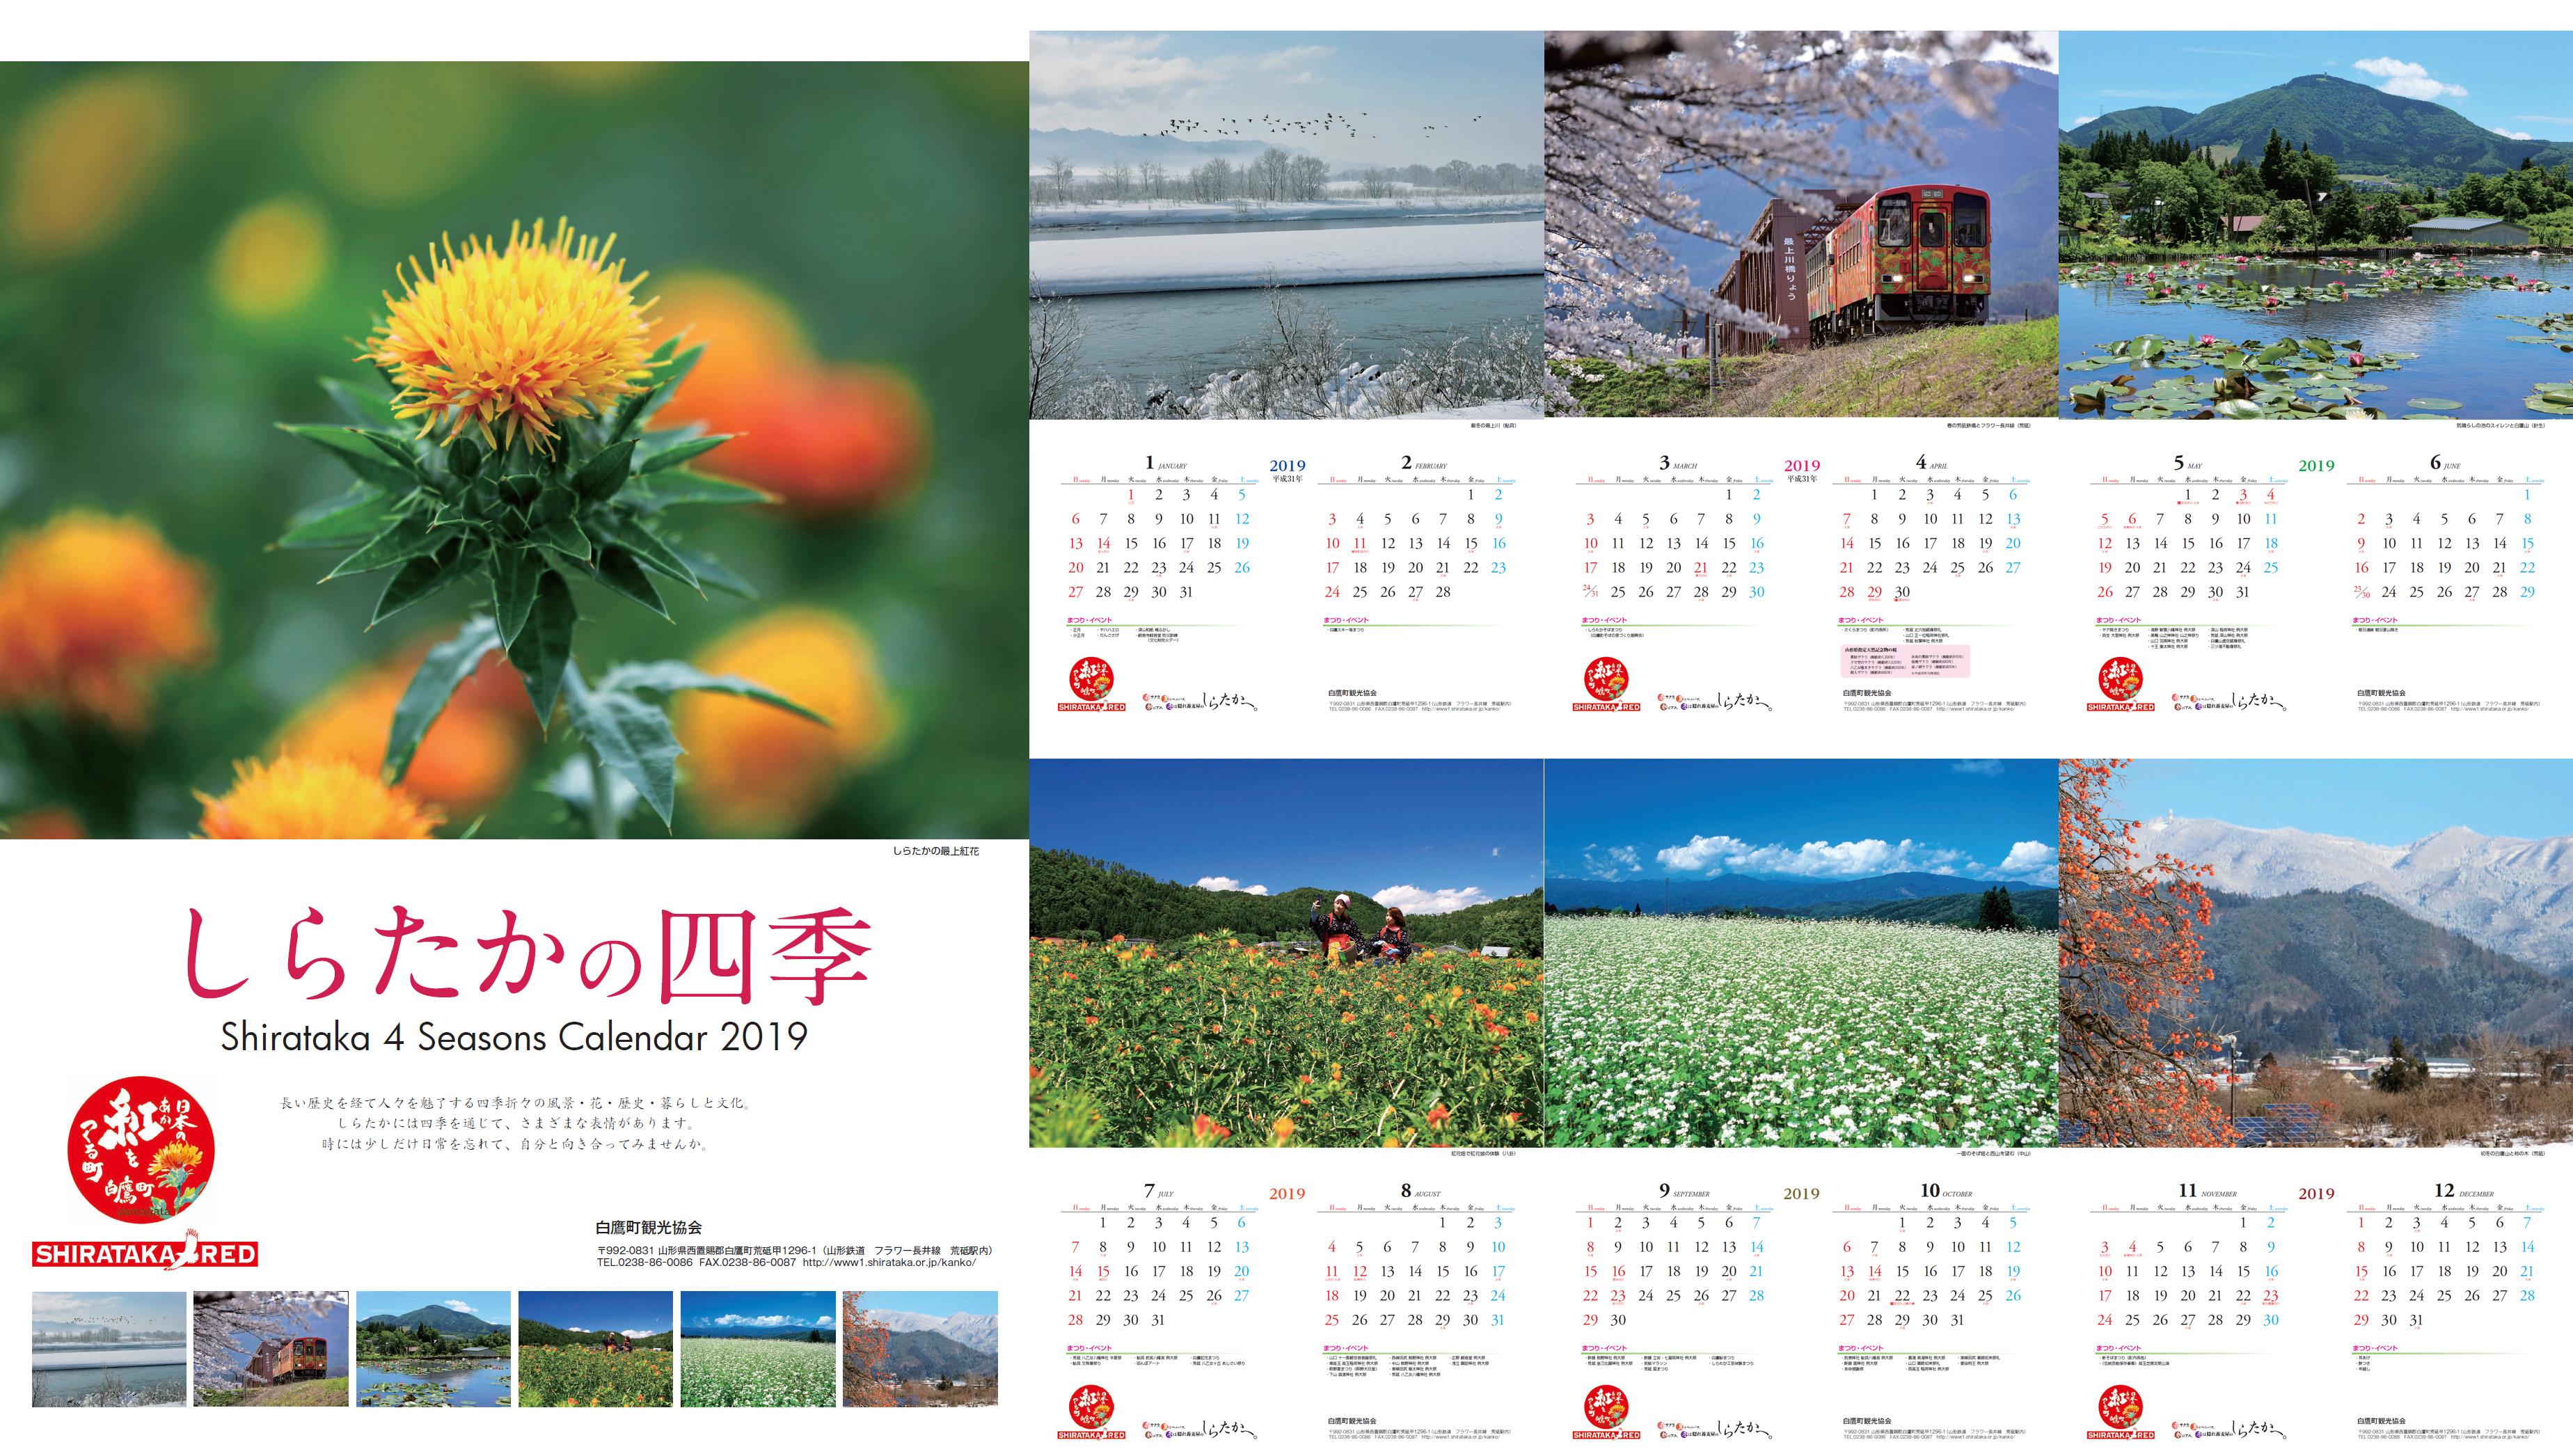 【完売となりました】しらたかの四季カレンダー2019 販売開始のお知らせ:画像